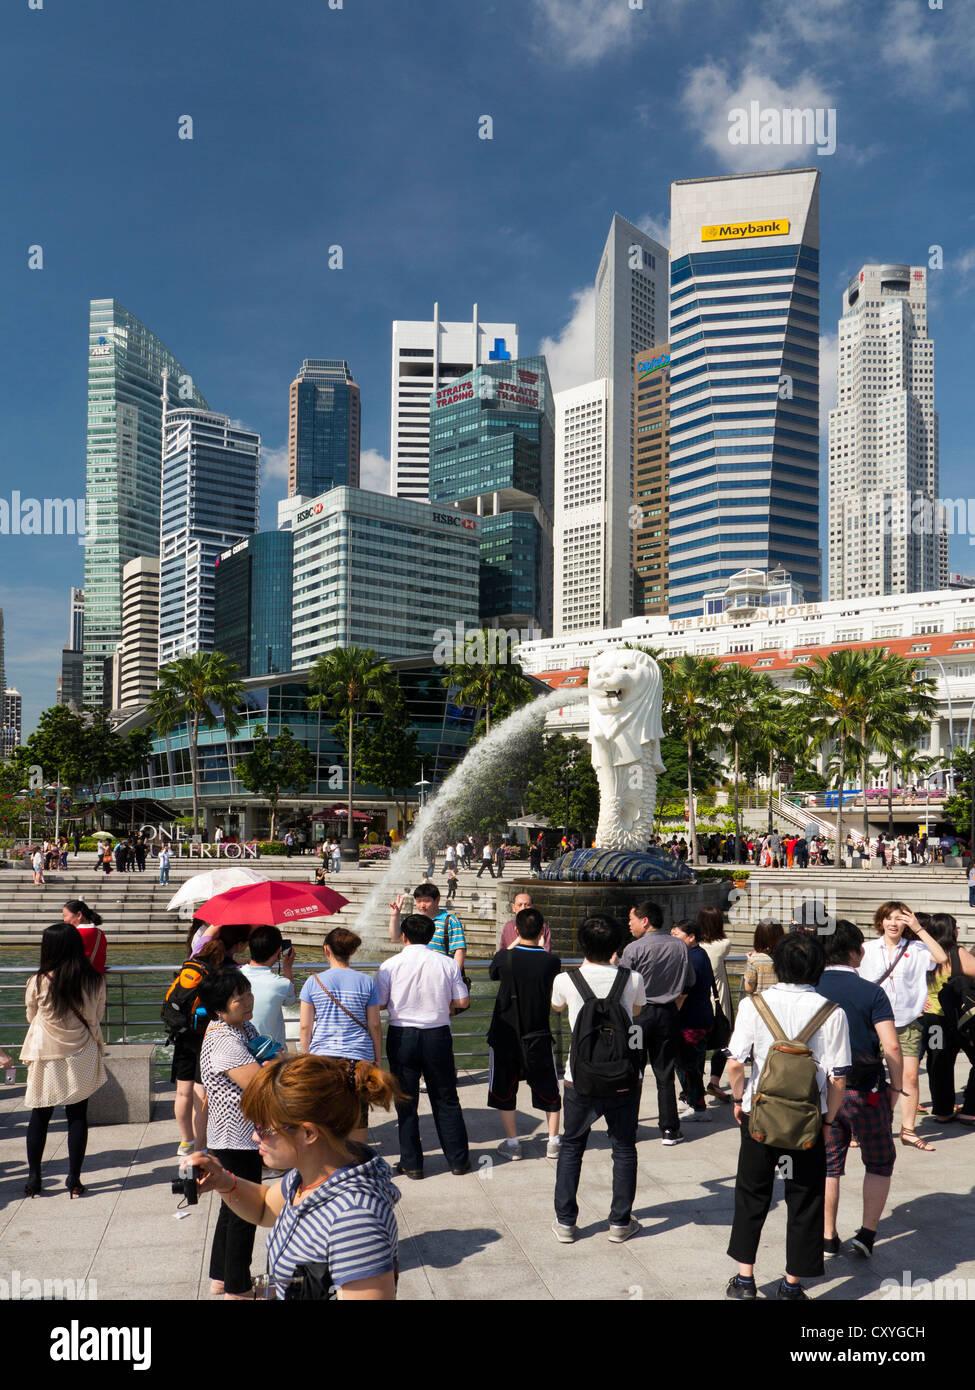 La statua Merlion e turisti, Singapore Immagini Stock